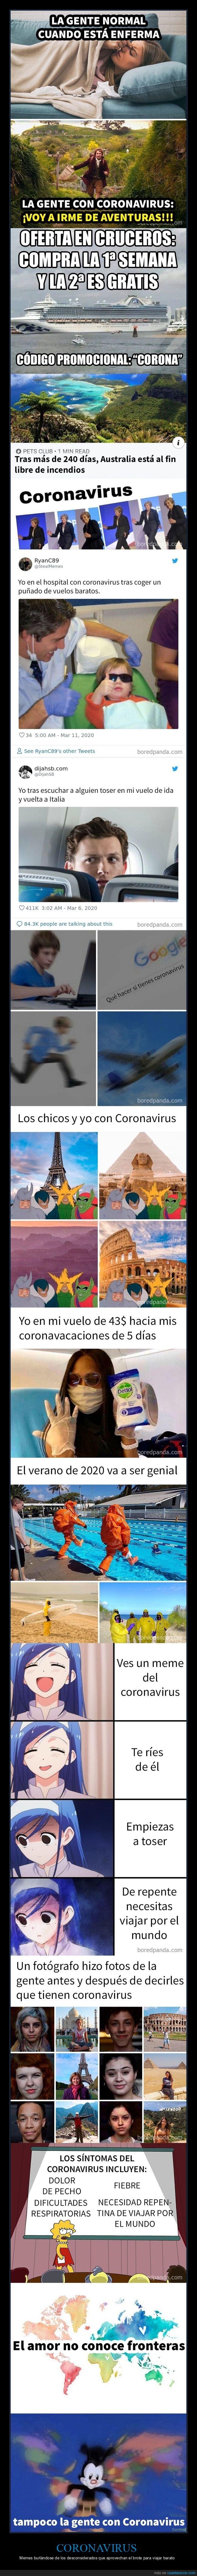 barato,coronavirus,viajar